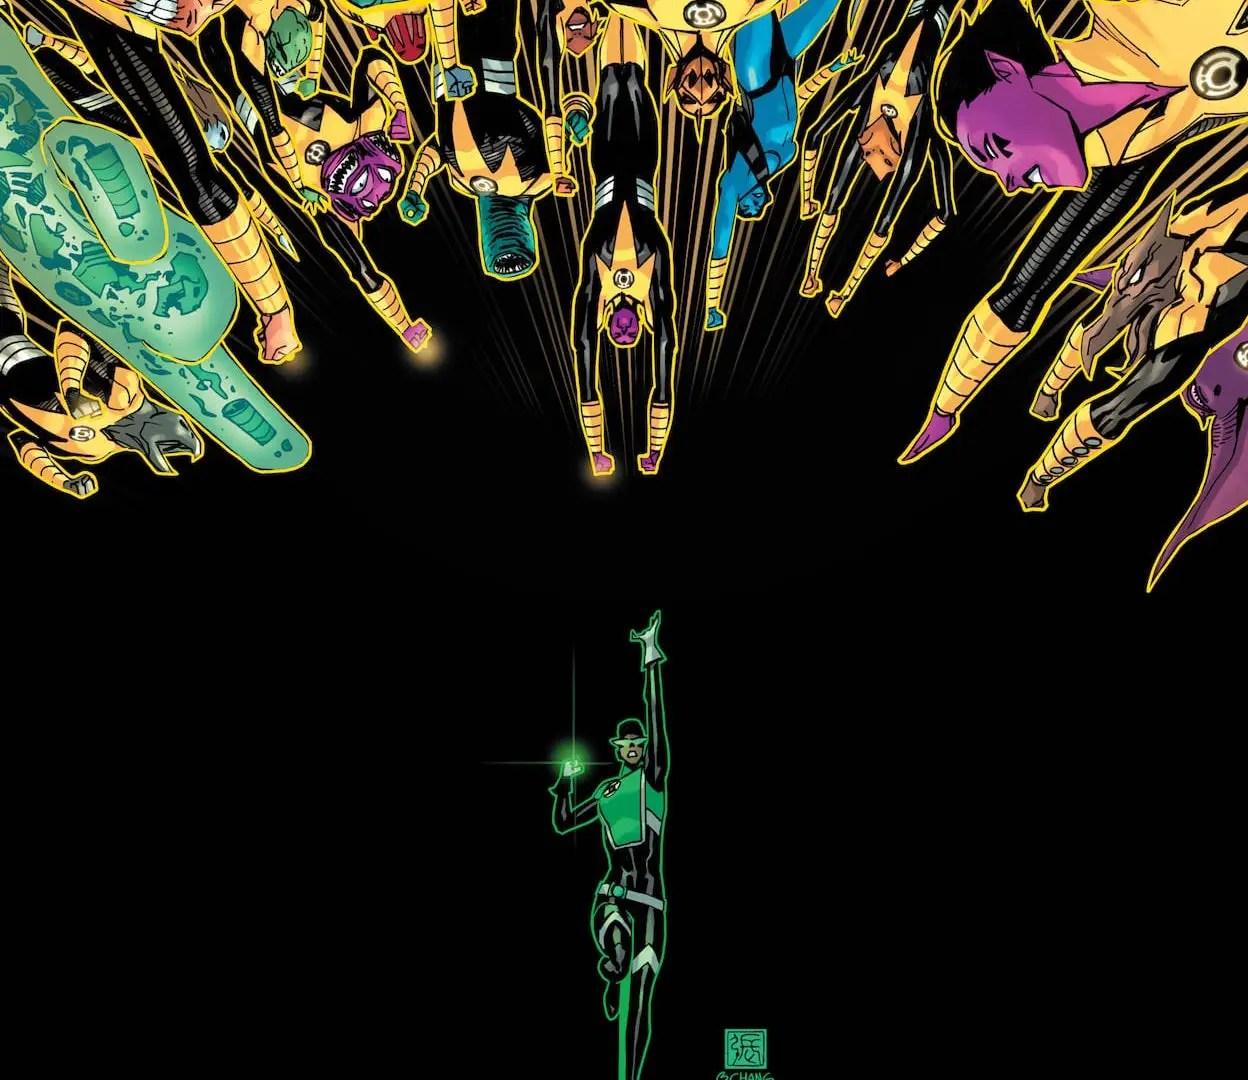 'Green Lantern' #5 teaches a lesson about fear